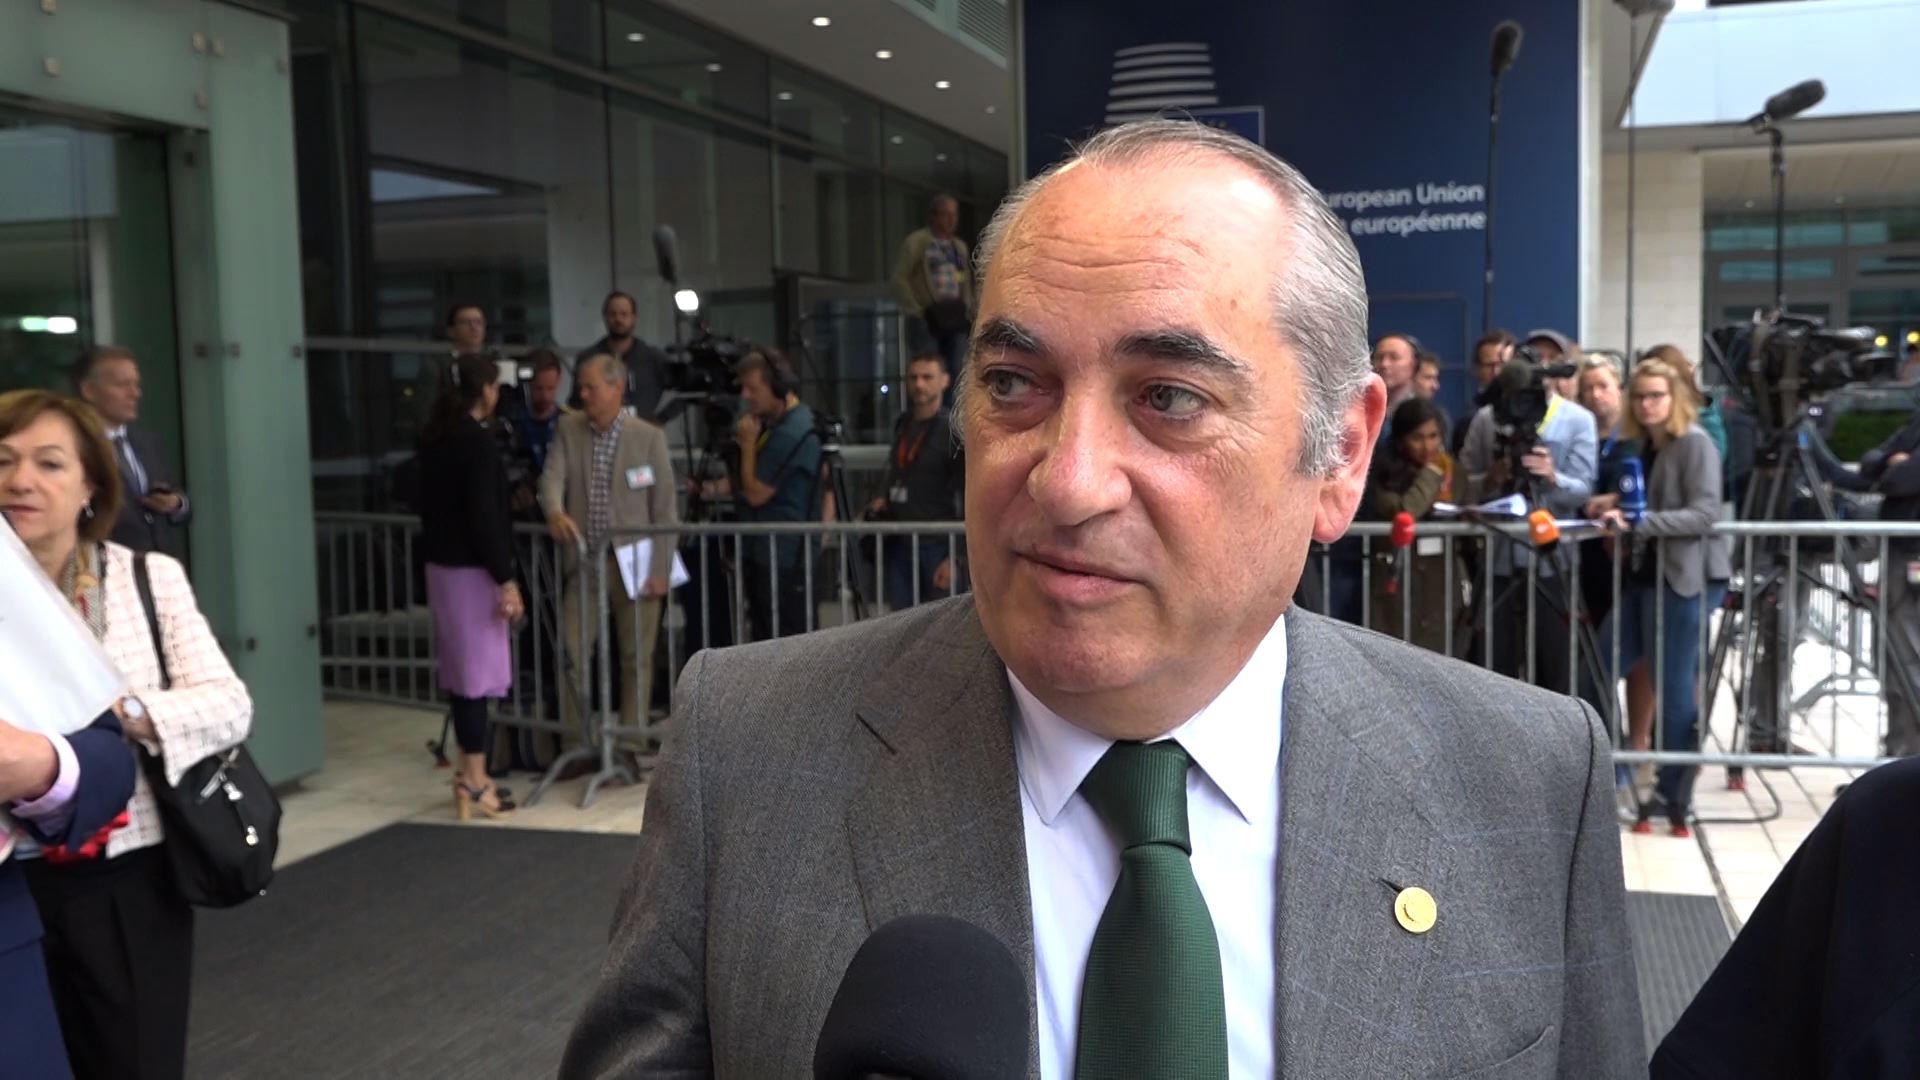 El consejero Arriola expresa ante los ministros de Medio Ambiente el apoyo de las regiones al modelo de economía circular de la Unión Europea